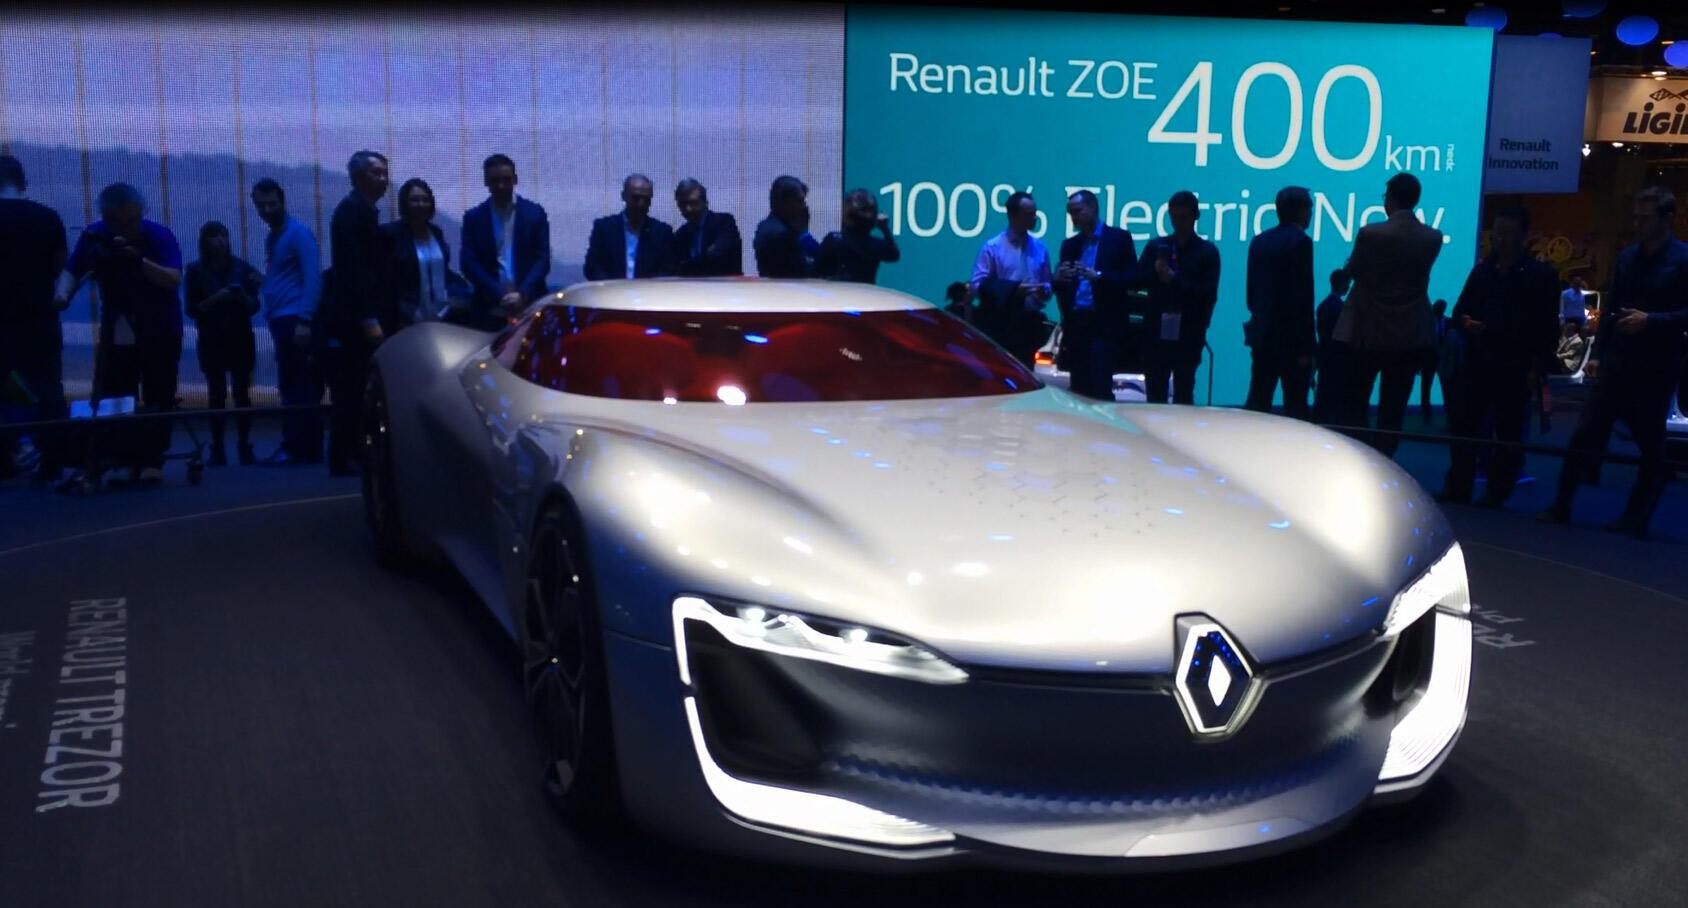 سيارة سيتروين زيو في معرض باريس الدولي للسيارات